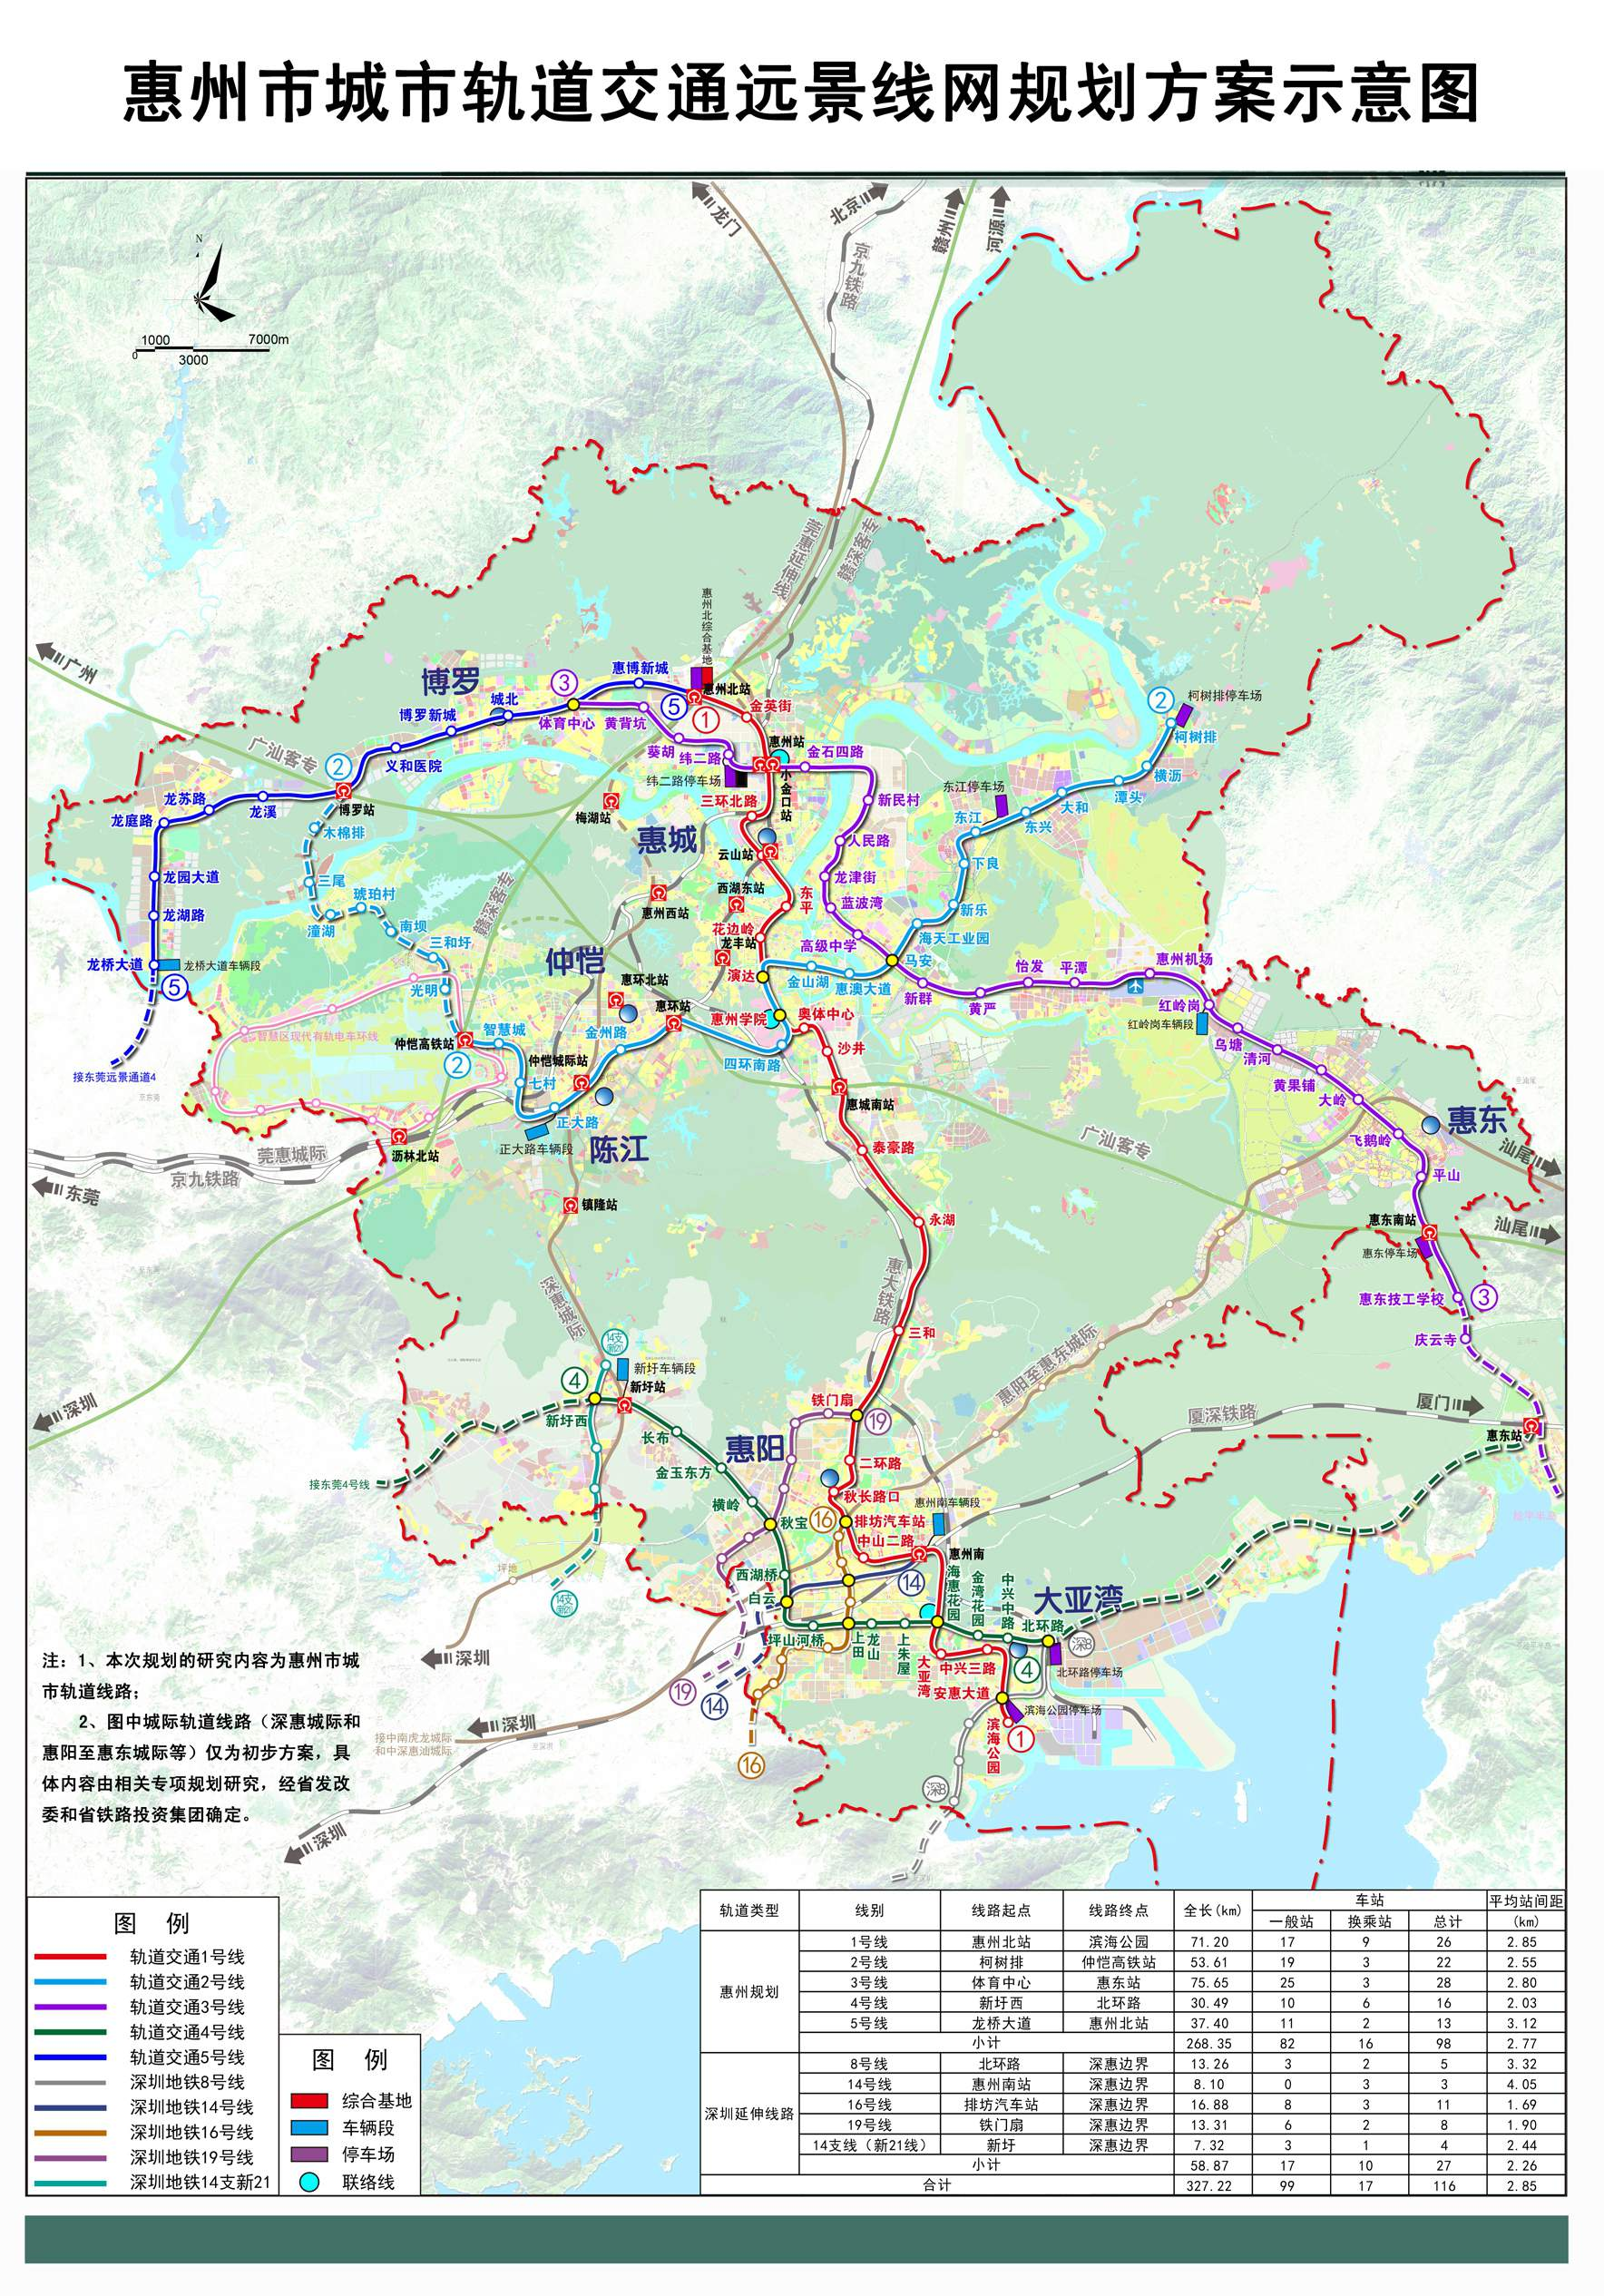 惠州城市轨道规划正式出炉 地铁14号线惠州段将近期开图片